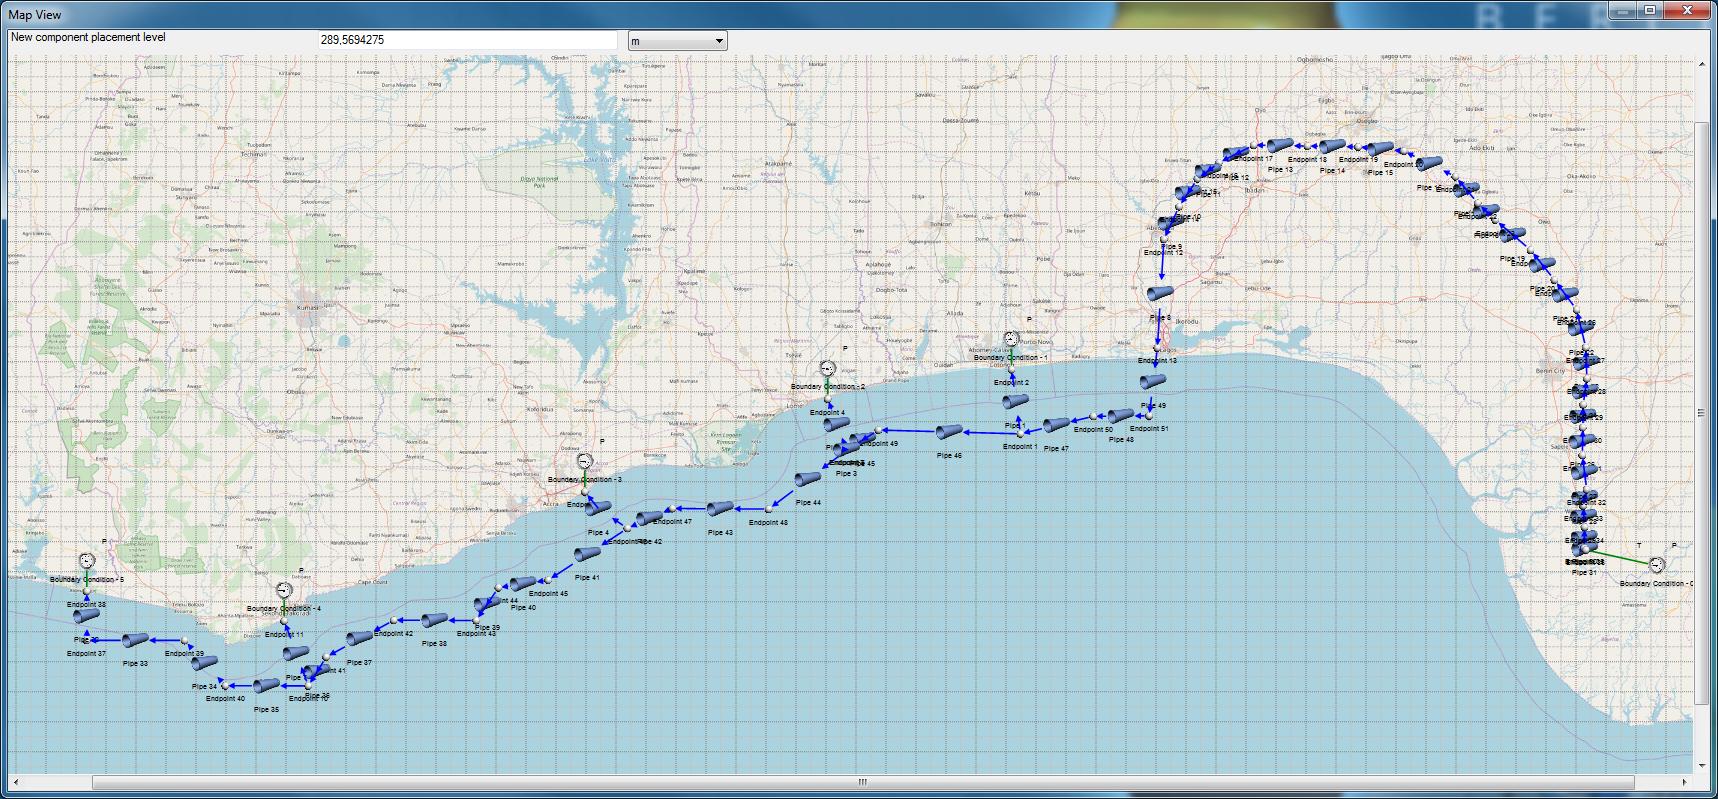 Flownex-Modell einer Pipeline auf Basis von geographischen Daten